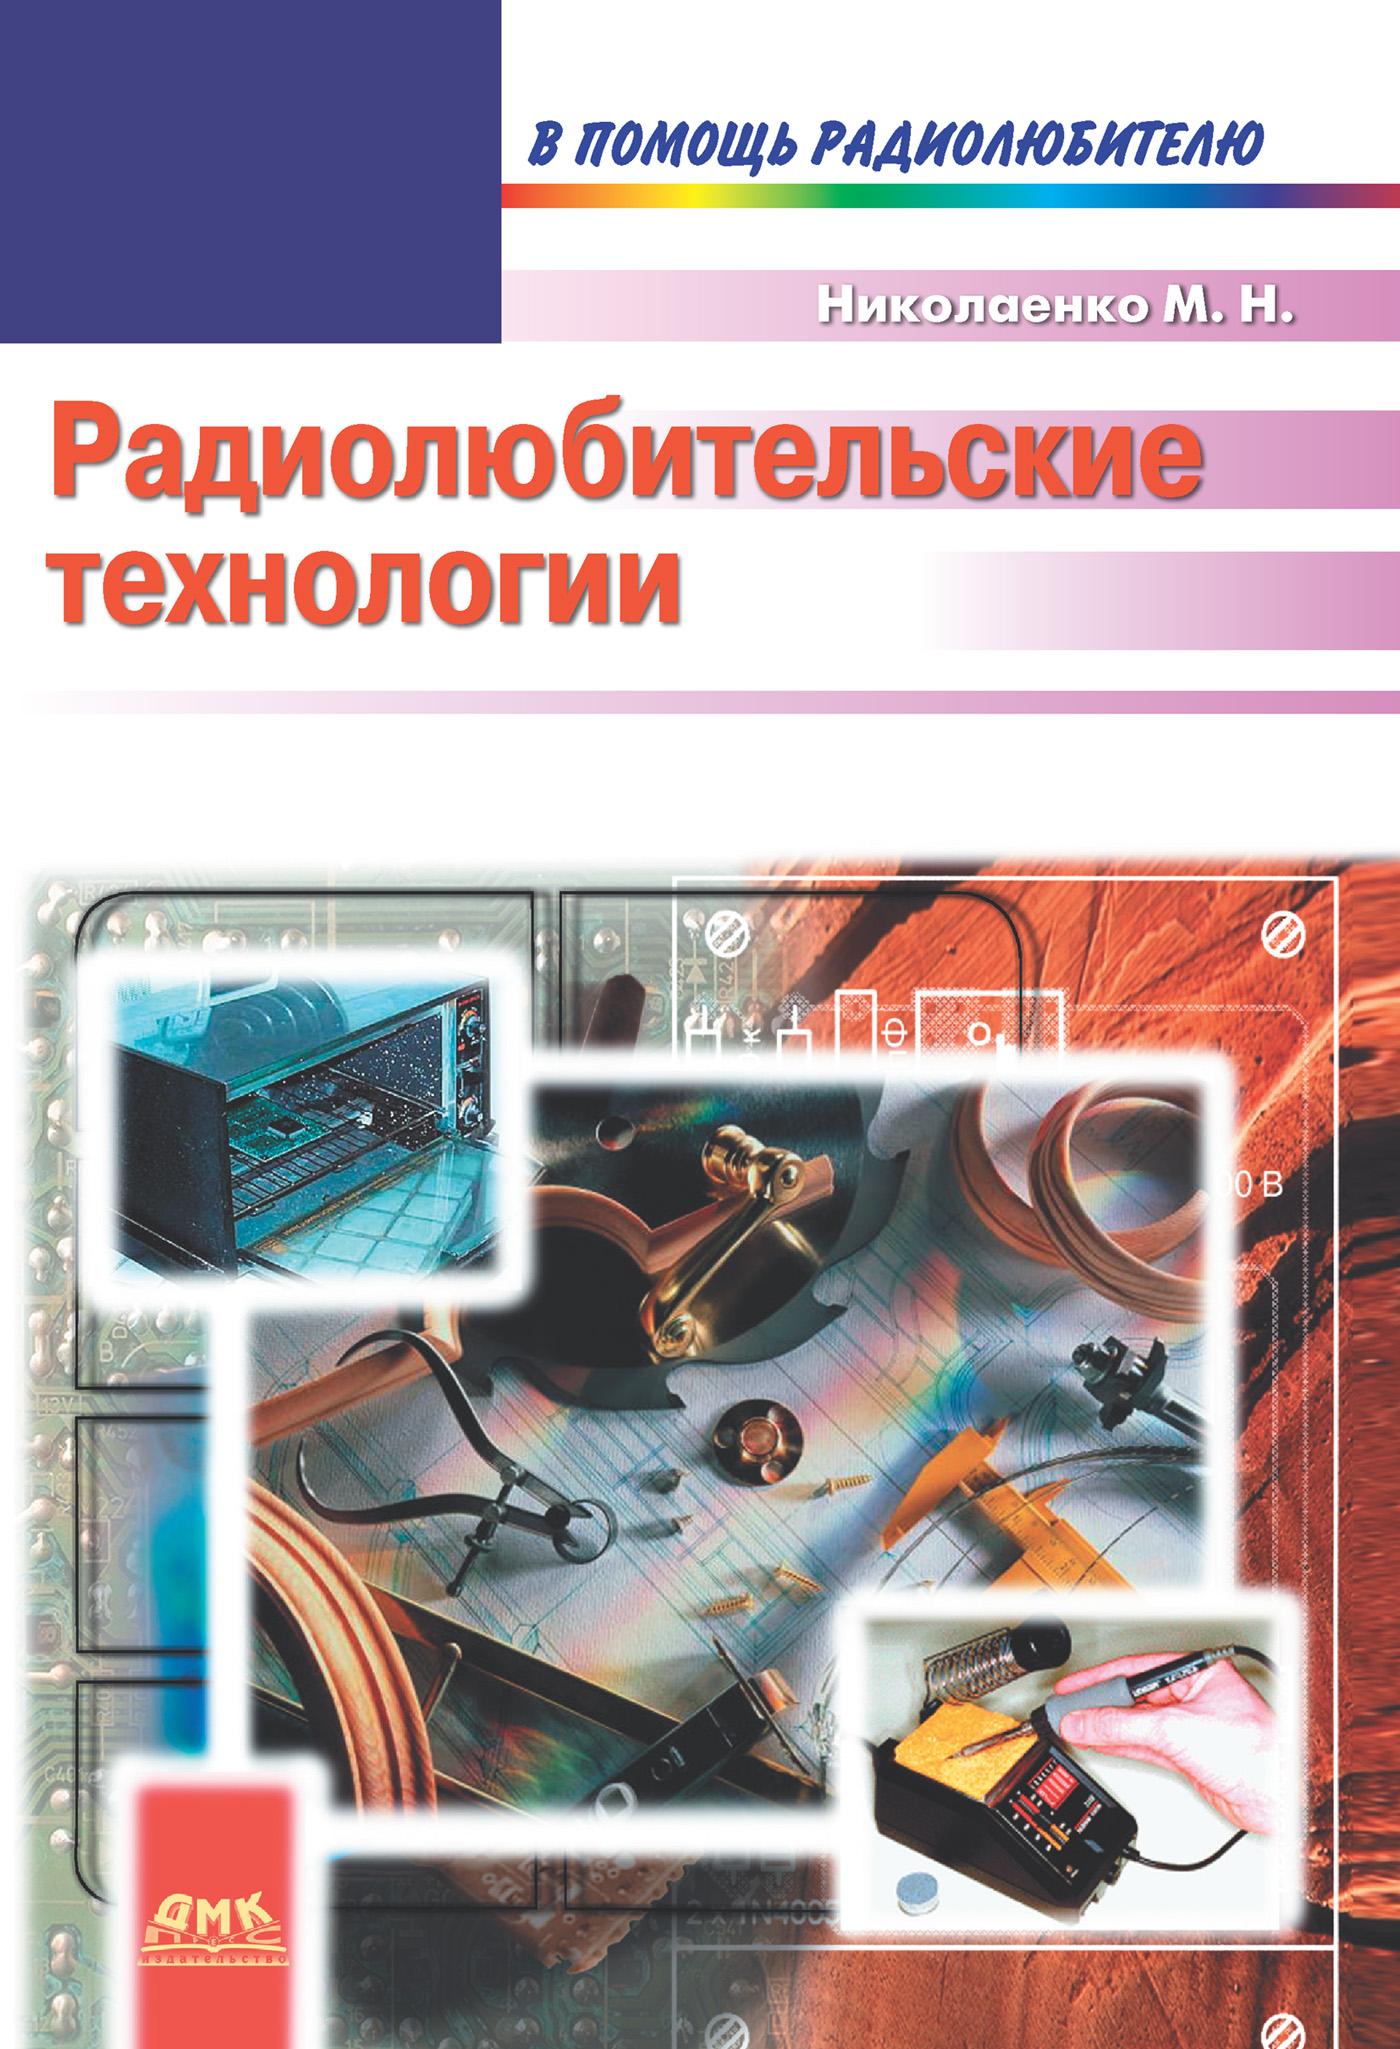 Радиолюбительские технологии